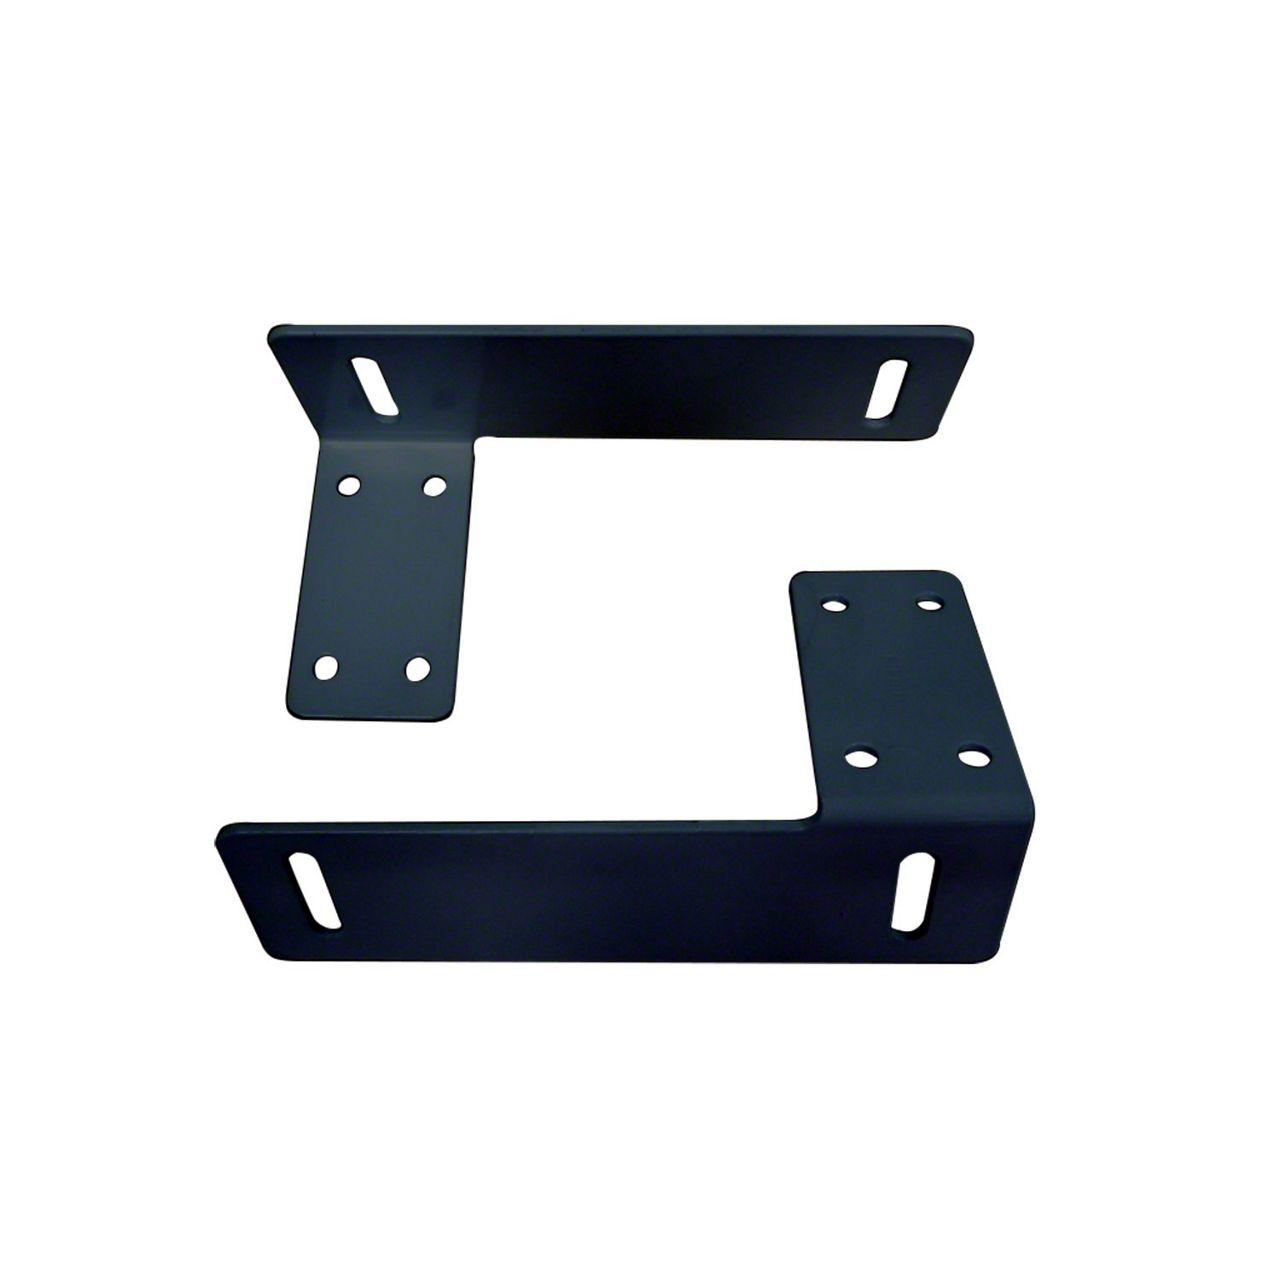 Westin Headache Rack Tool Box Bracket - Black (07-18 Sierra 1500)